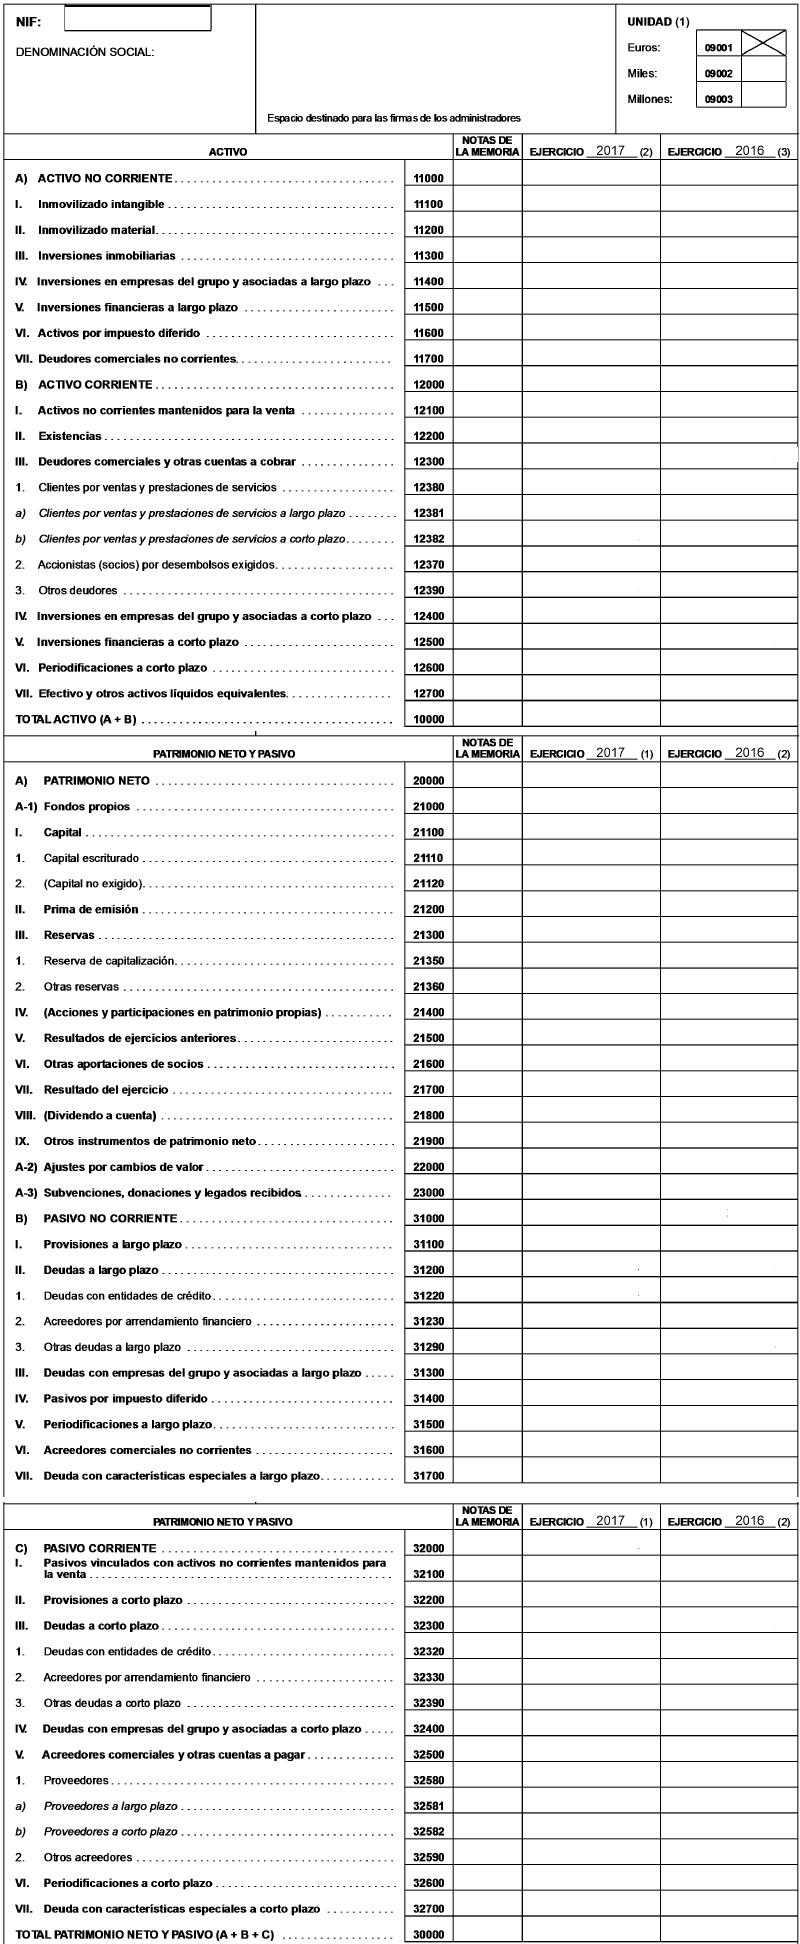 cuentas anuales registro mercantil nota simple